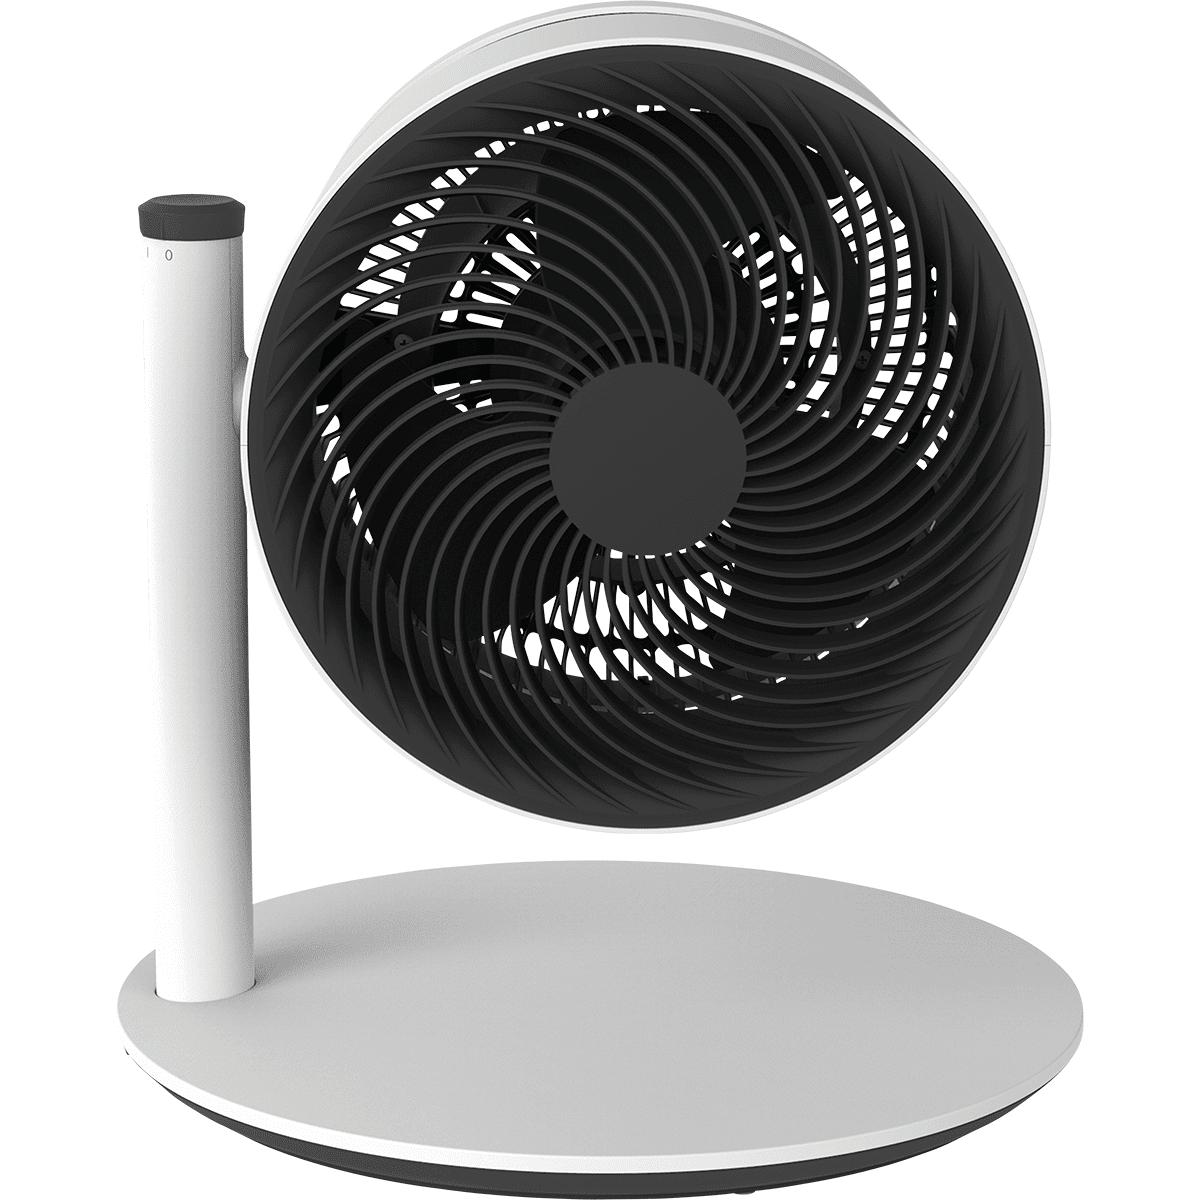 Boneco F210 Desktop Fan